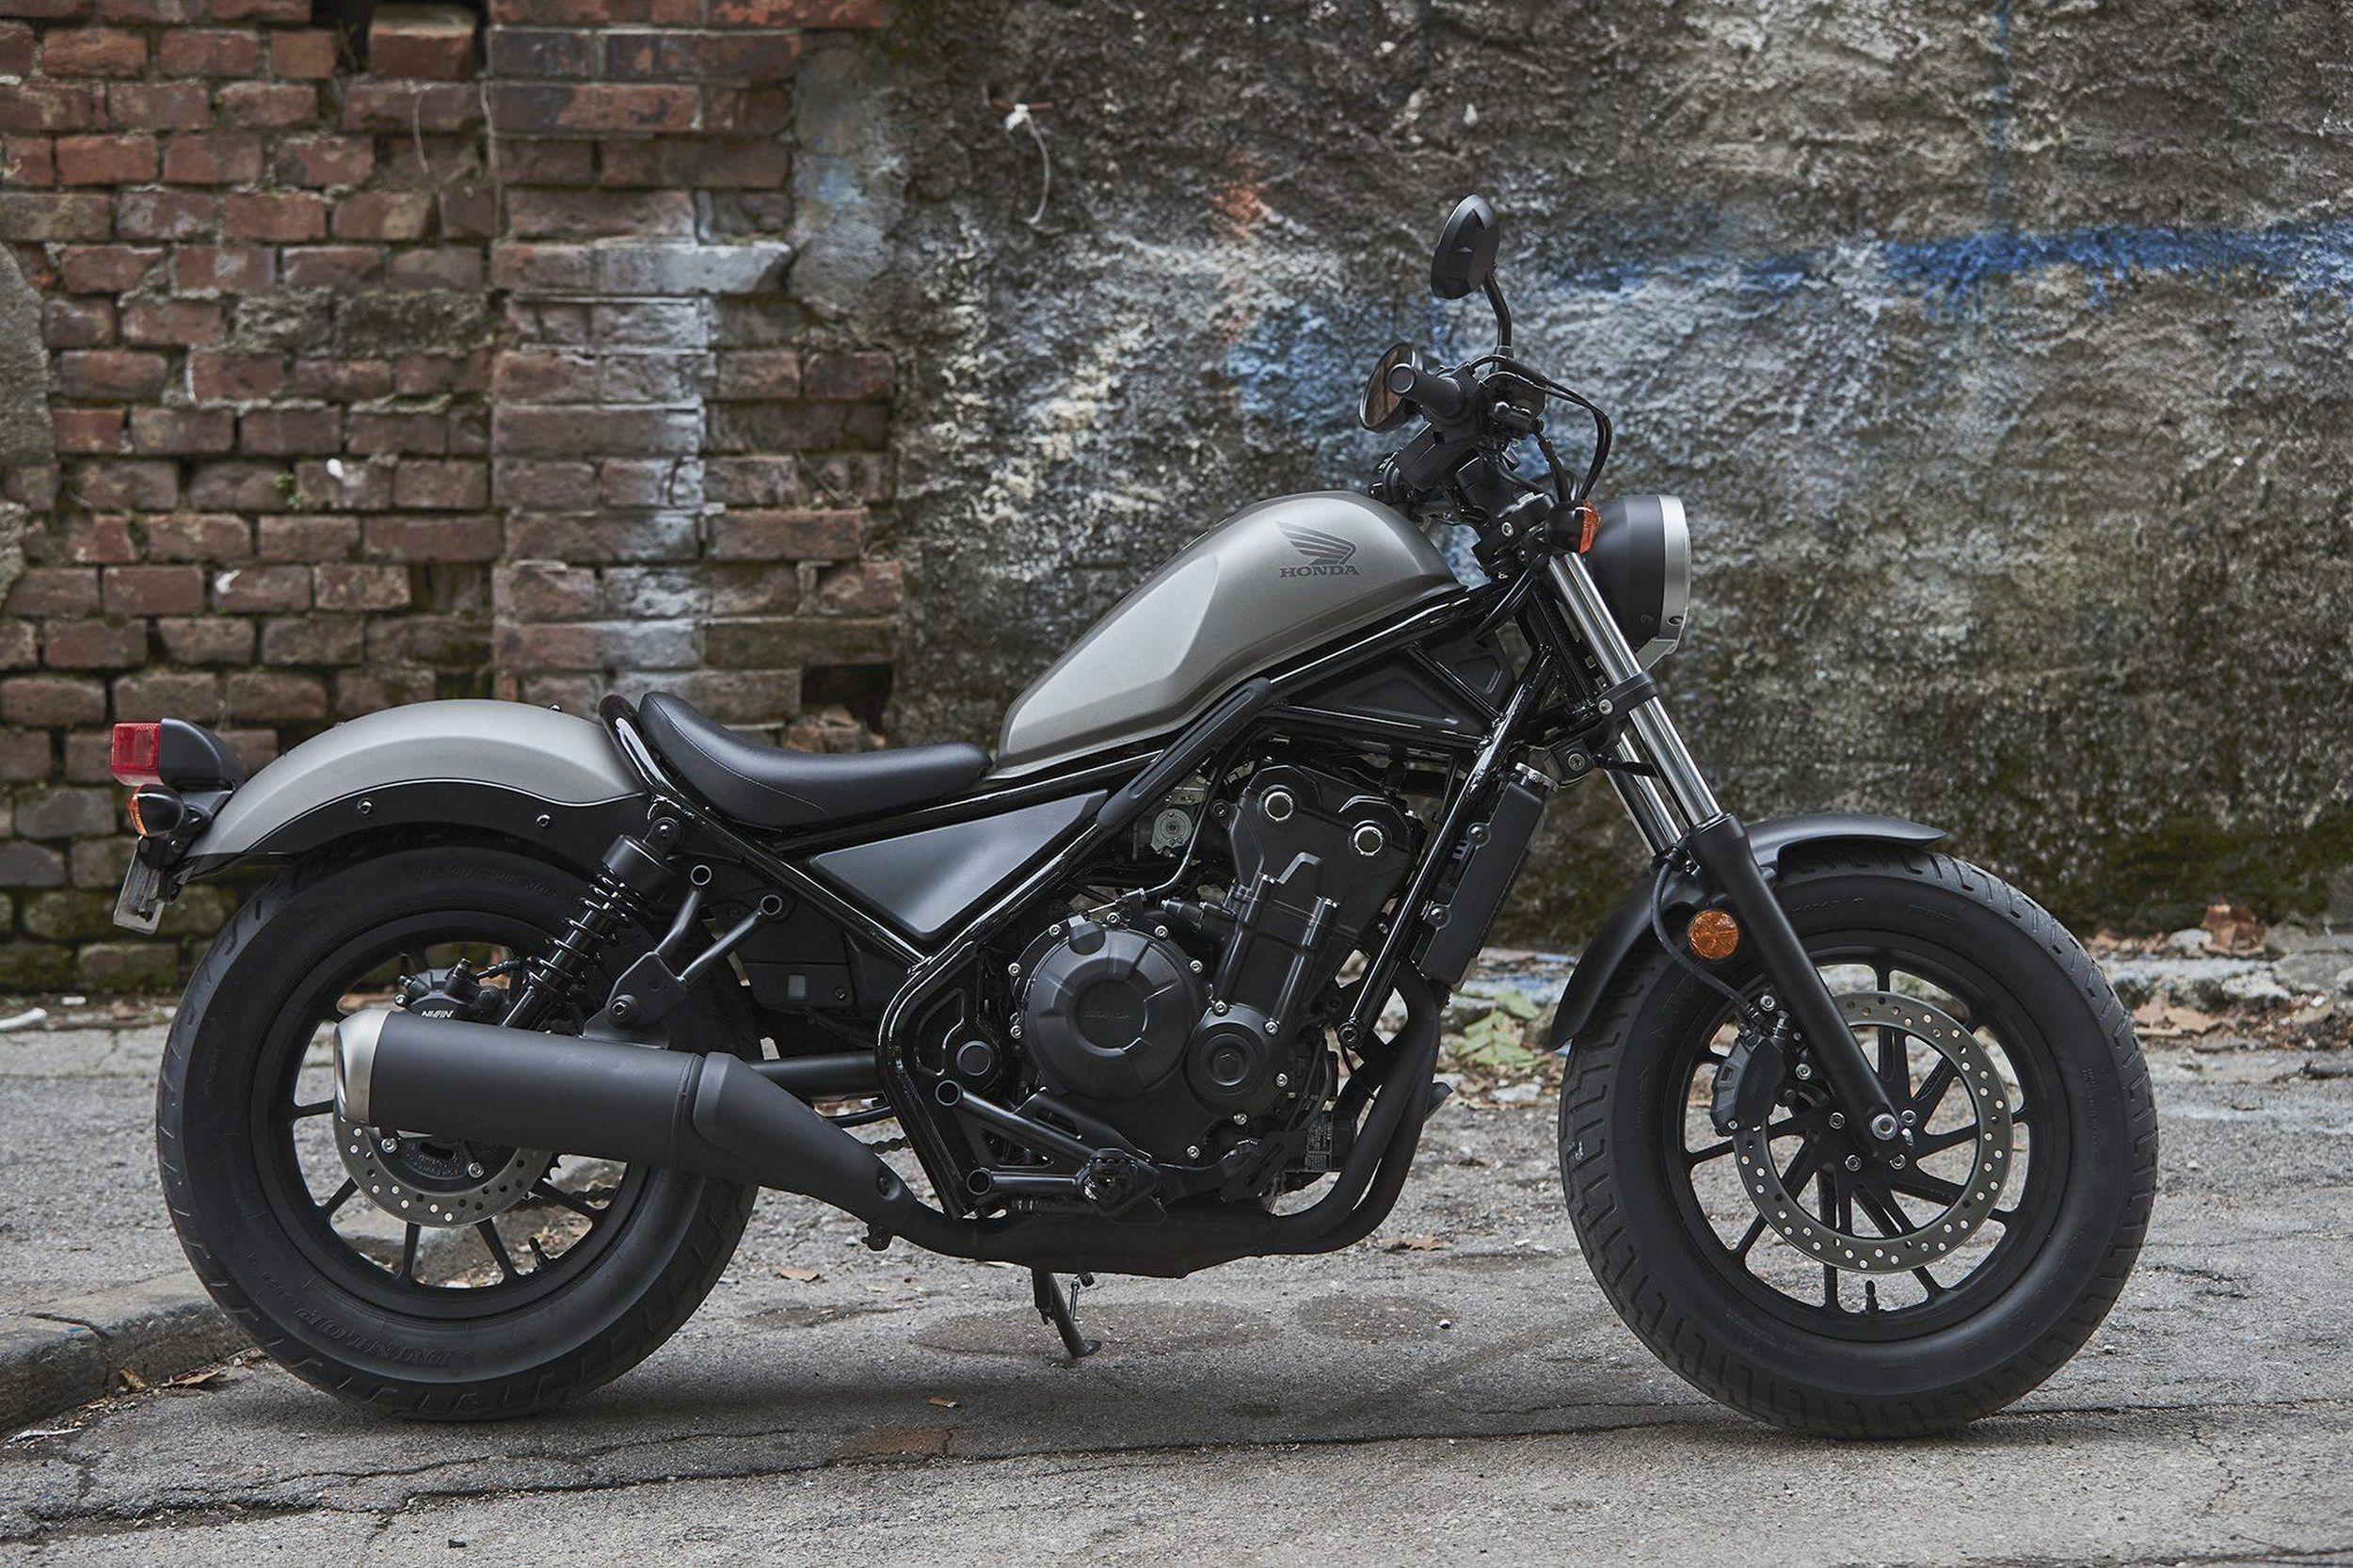 Gebrauchte Und Neue Honda Cmx500 Rebel Motorräder Kaufen